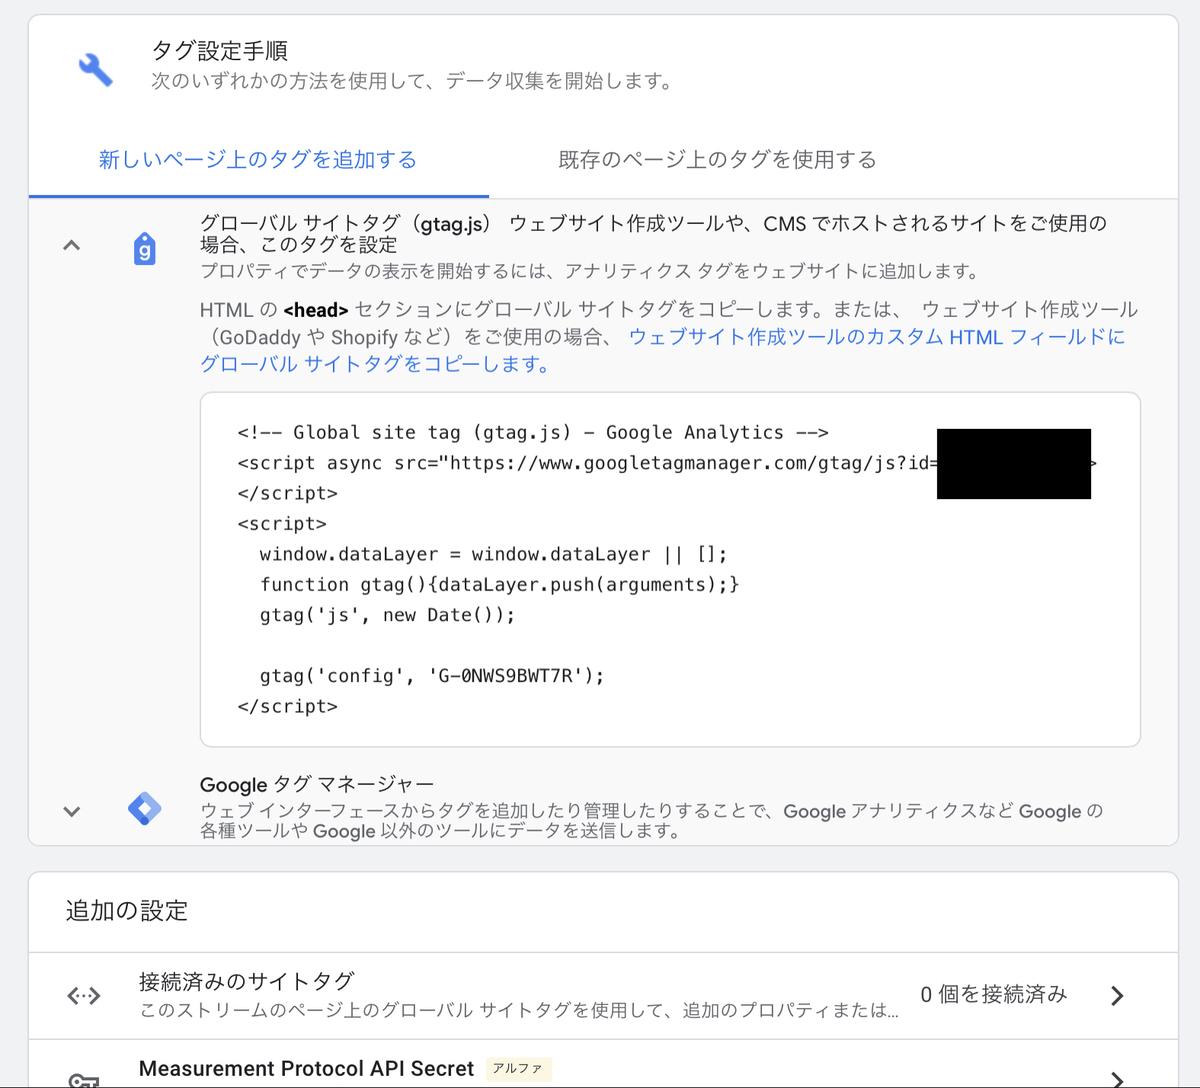 f:id:turtletoushi:20210920155639j:plain